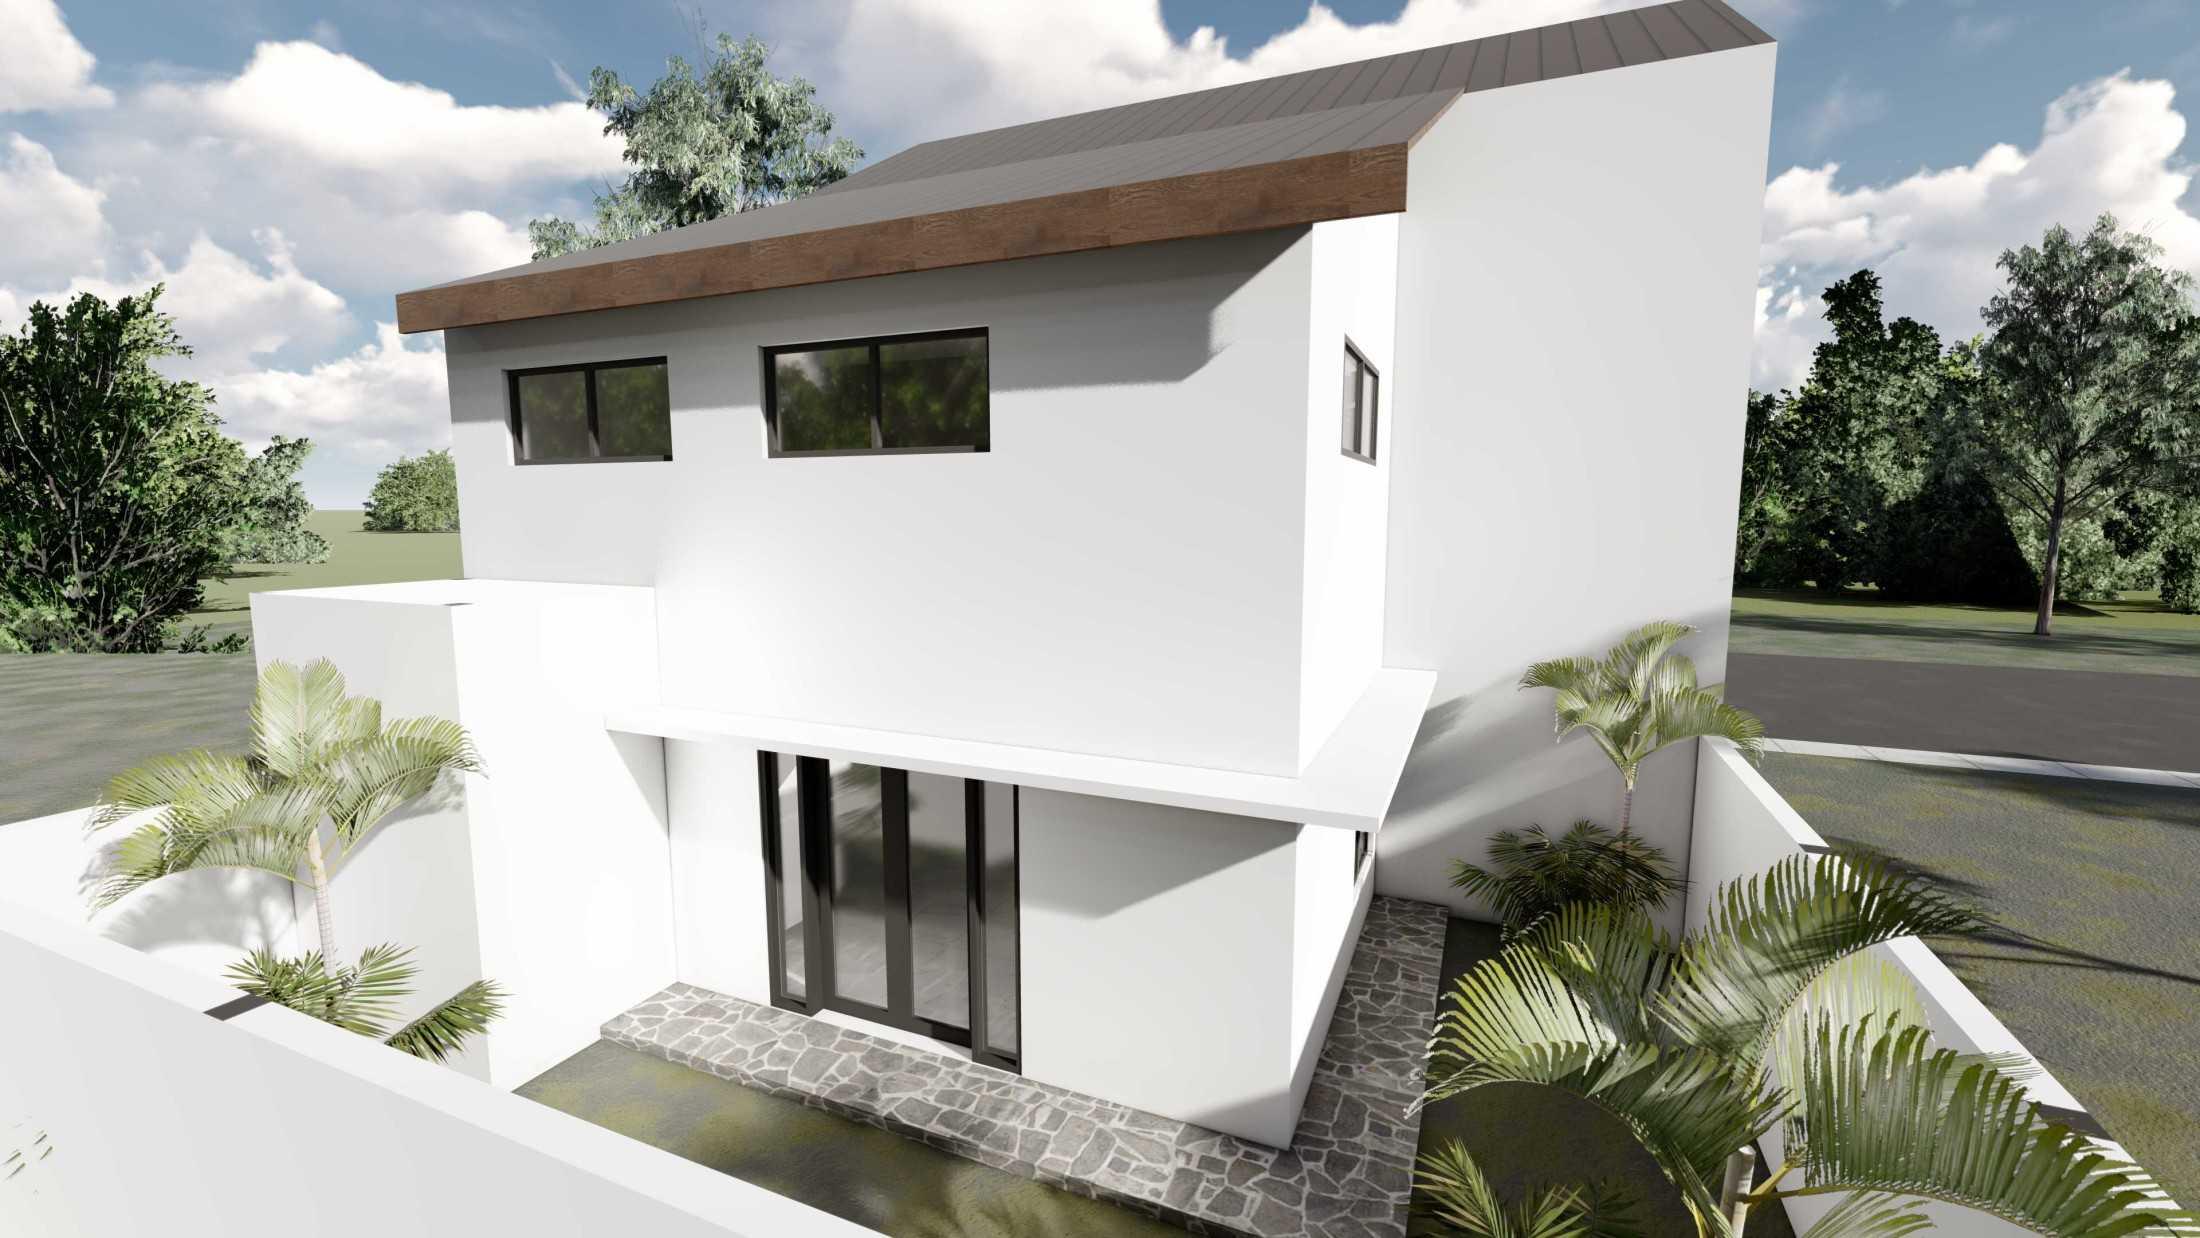 Astabumi Studio Ws House Slawi Tegal, Kota Tegal, Jawa Tengah, Indonesia Padang Cv-Astabumi-Manunggal-Prakarsa-Rumah-2-Lantai-Modern-Lokal  119356